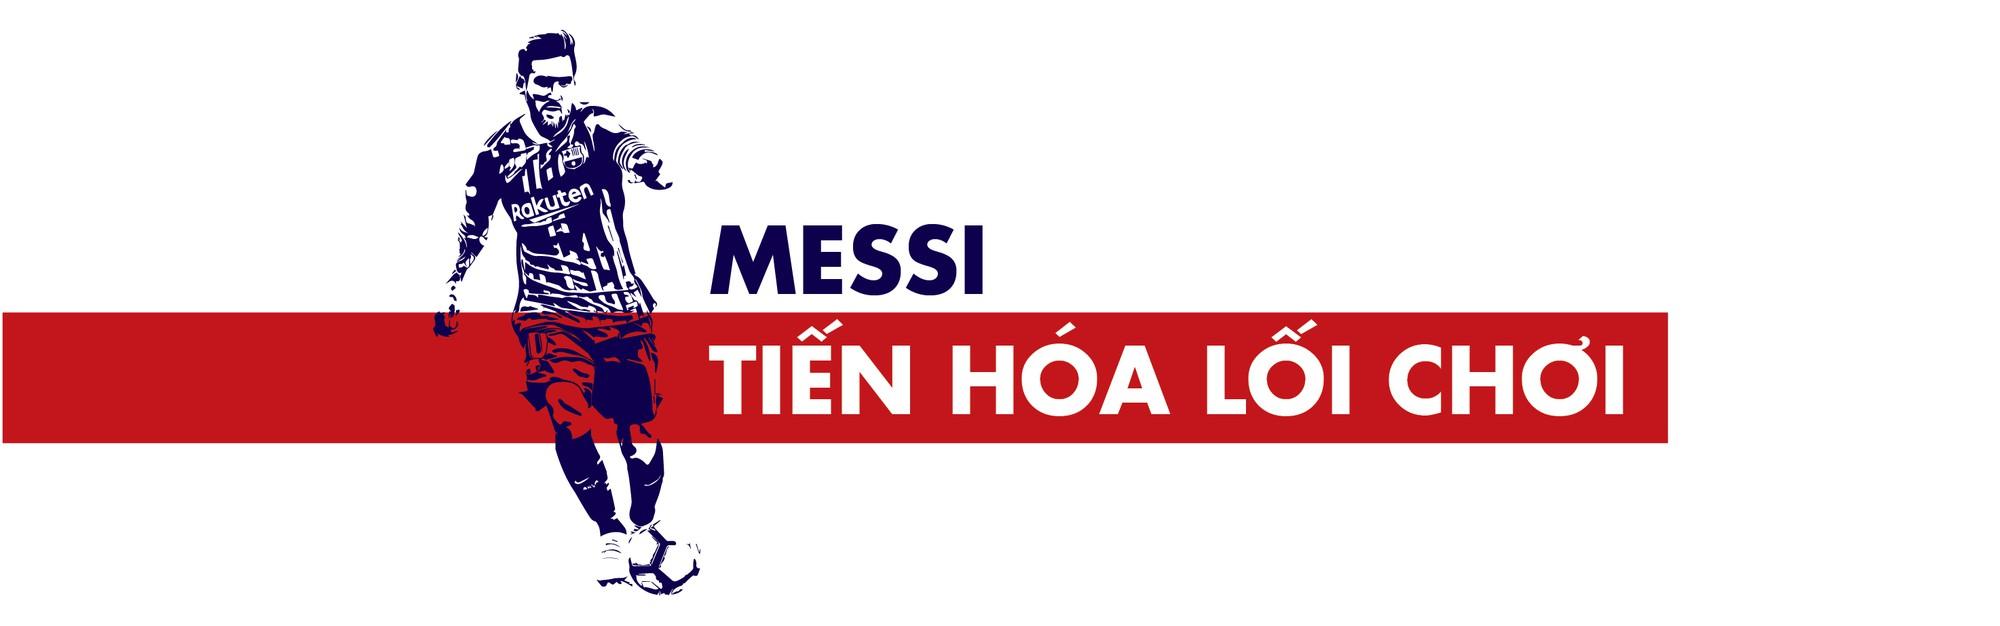 Barca & chiếc đầu kéo vĩnh cửu Messi - Ảnh 5.